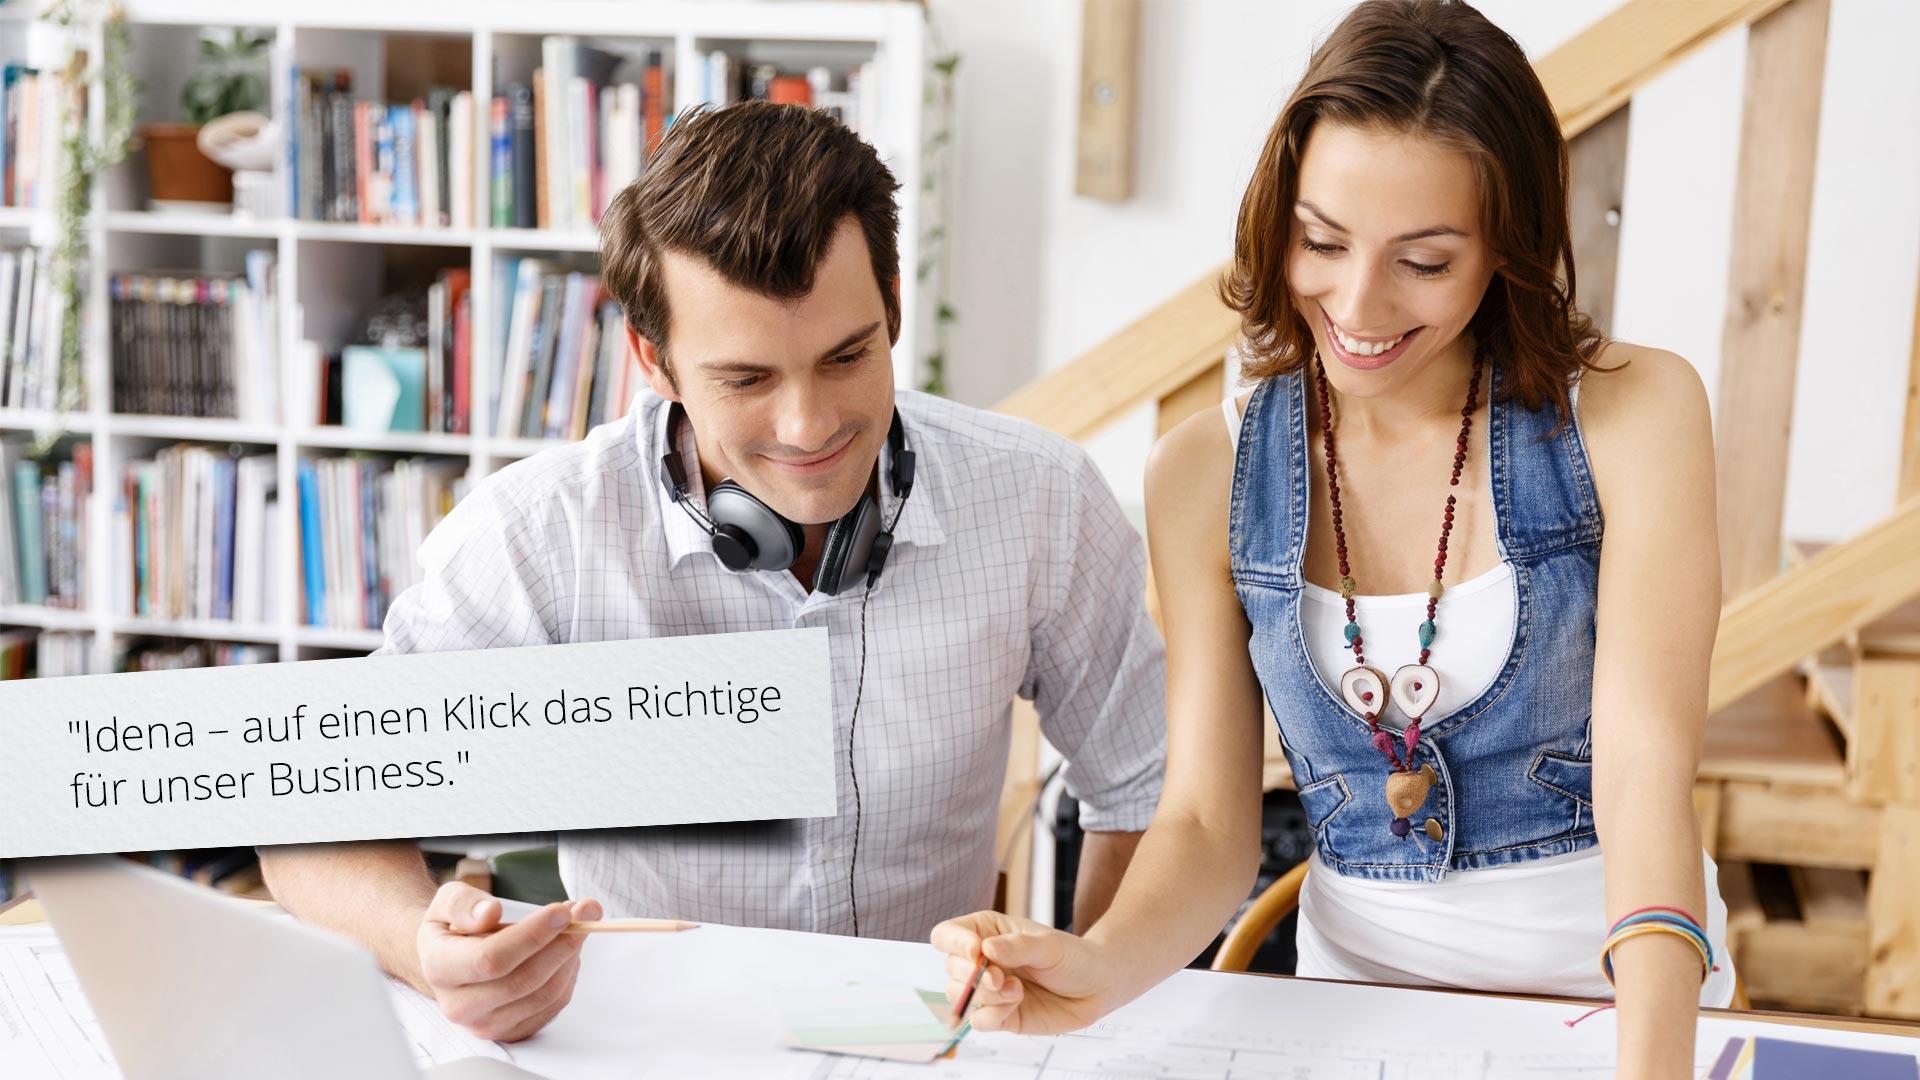 idena_slide_das-richtige-fuer-unser-business.jpg